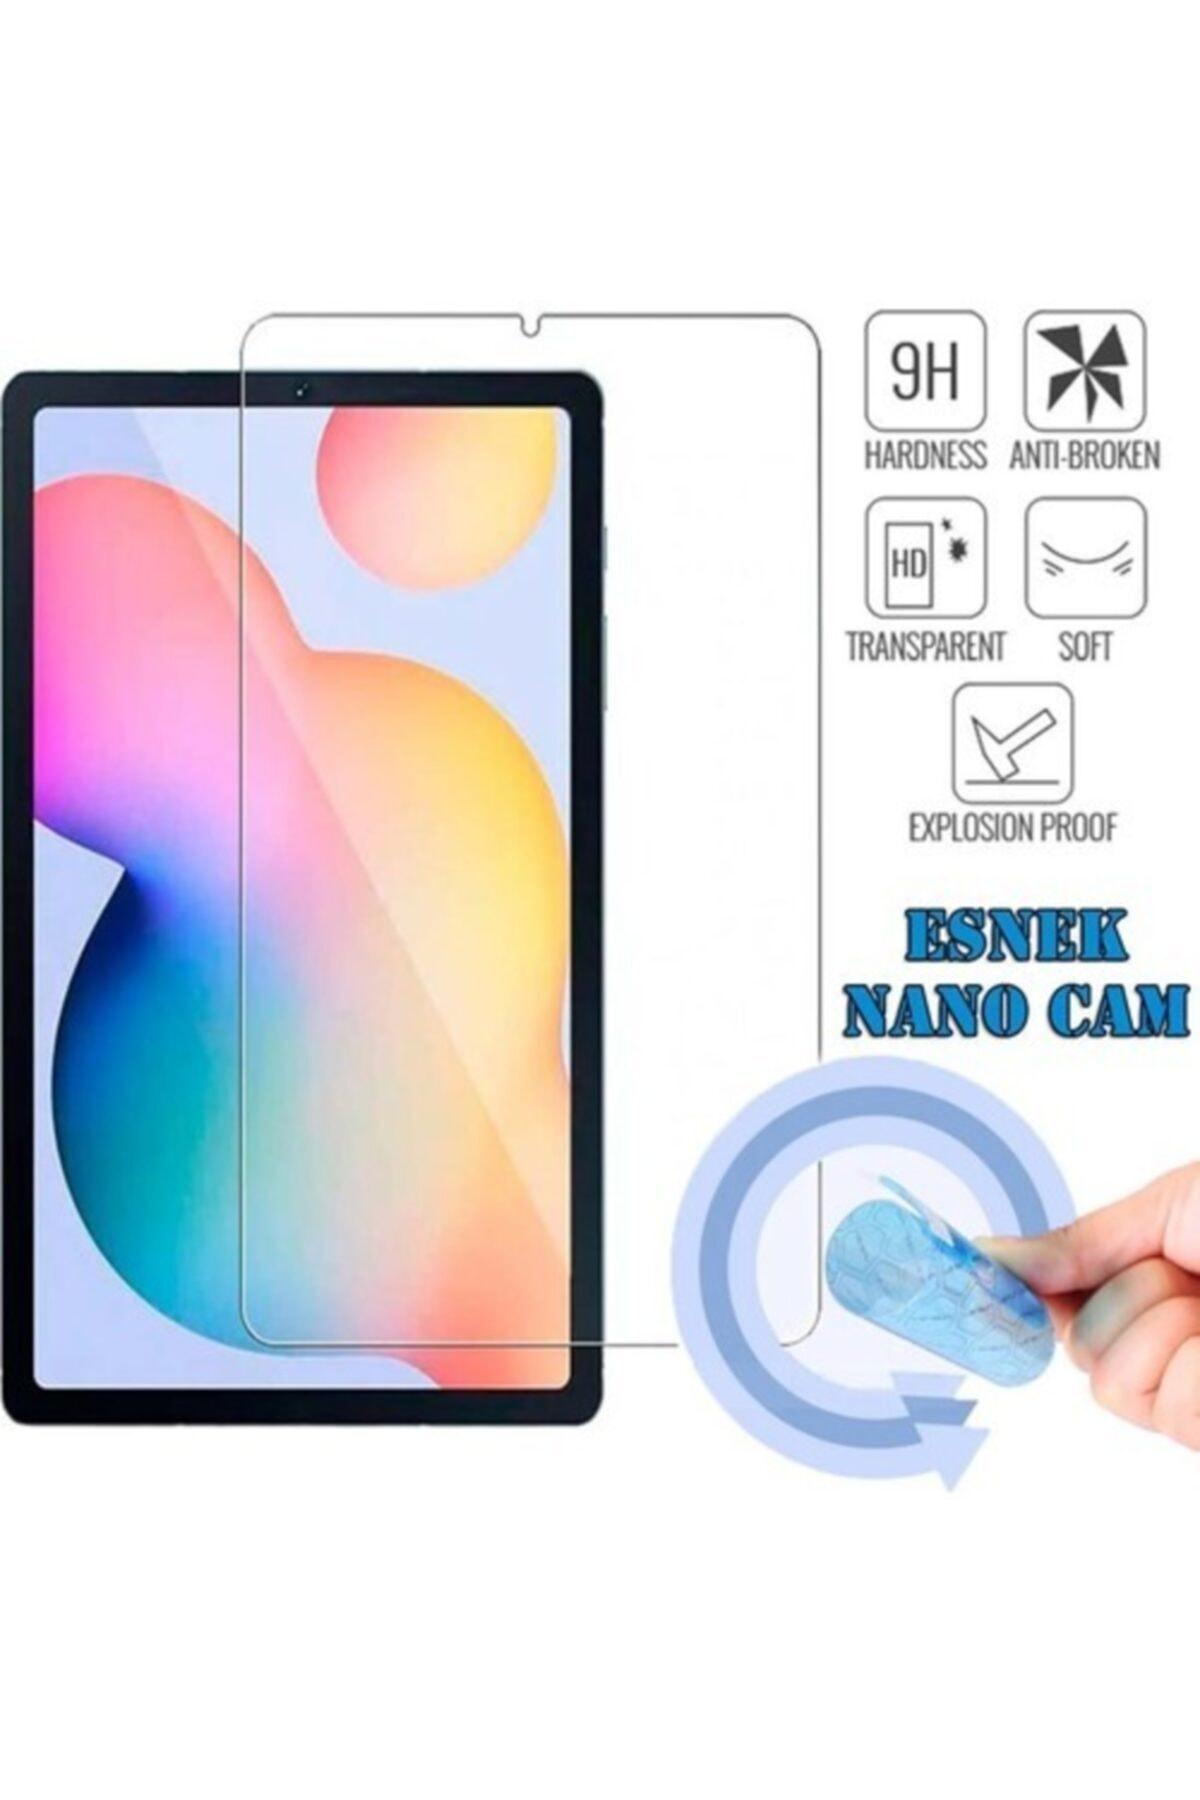 Telefon Aksesuarları Galaxy Tab S6 Lite P610 Nano Ekran Koruyucu 2